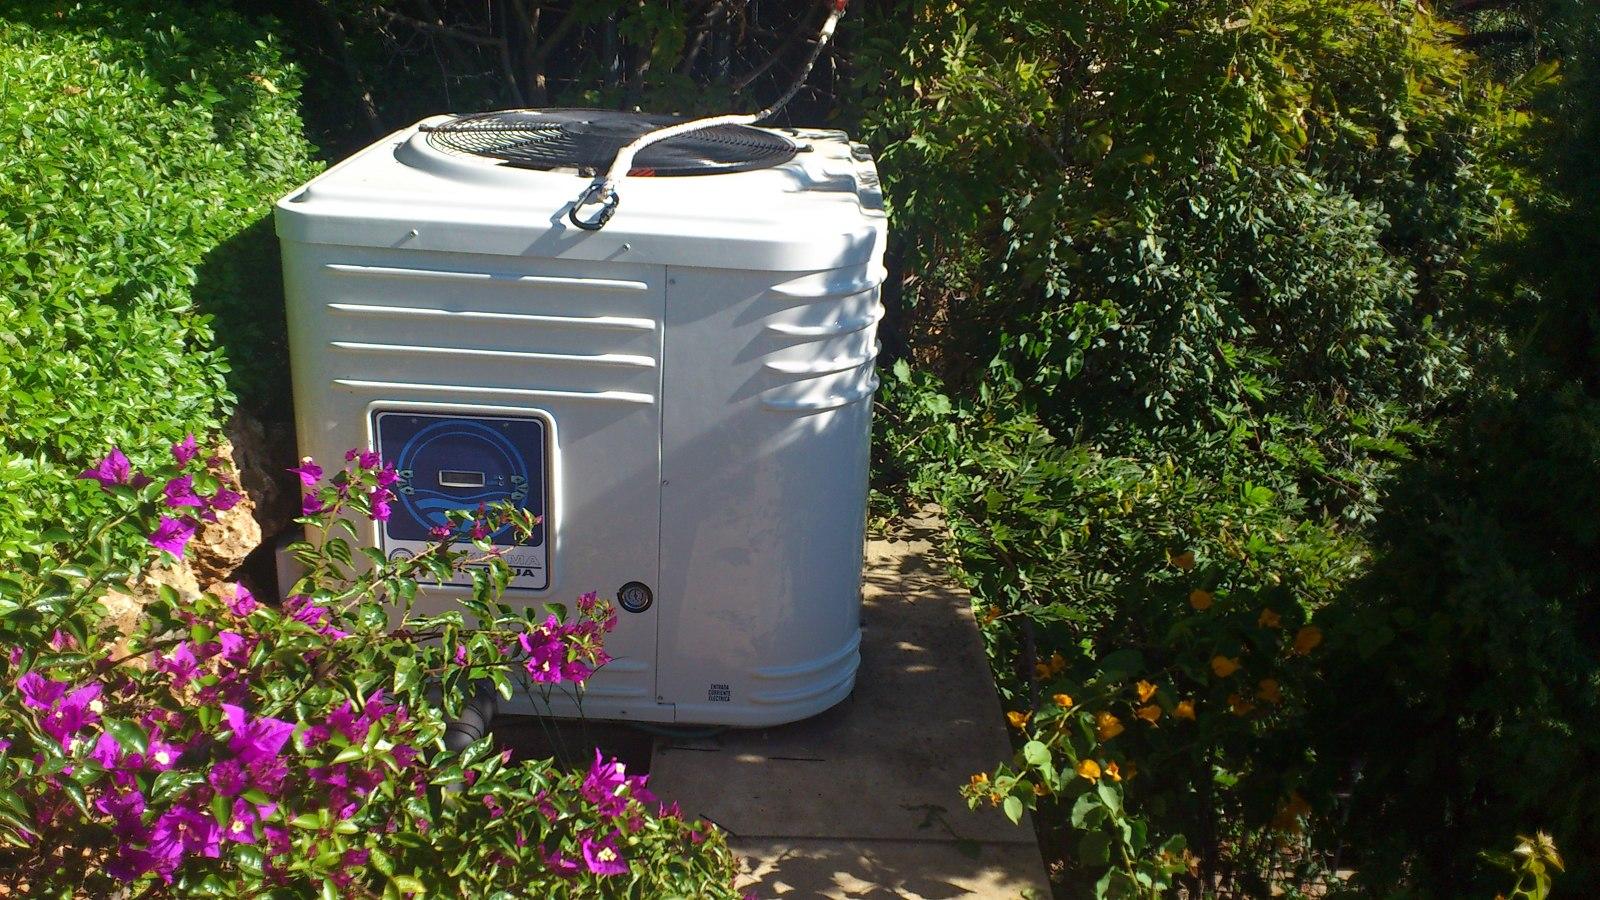 Foto bomba de calor para calentamiento de piscinas baeza for Bomba de calor piscina